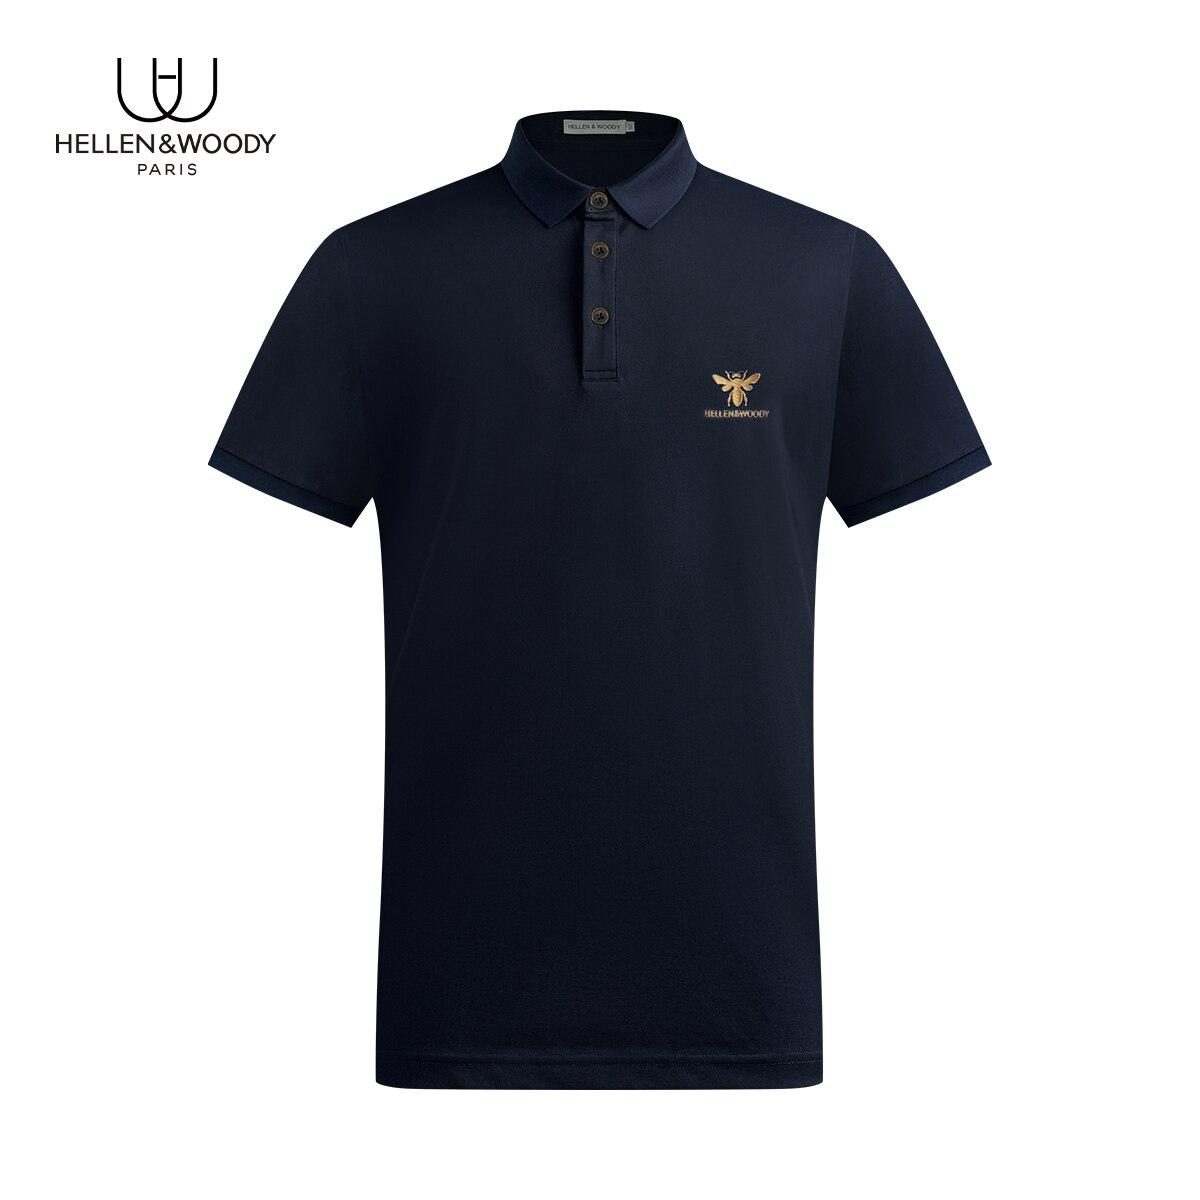 Новое поступление, повседневная облегающая Деловая одежда HELLEN & WOODY2021, рубашки поло высокого качества, хлопковая Смешанная одежда с принтом ...